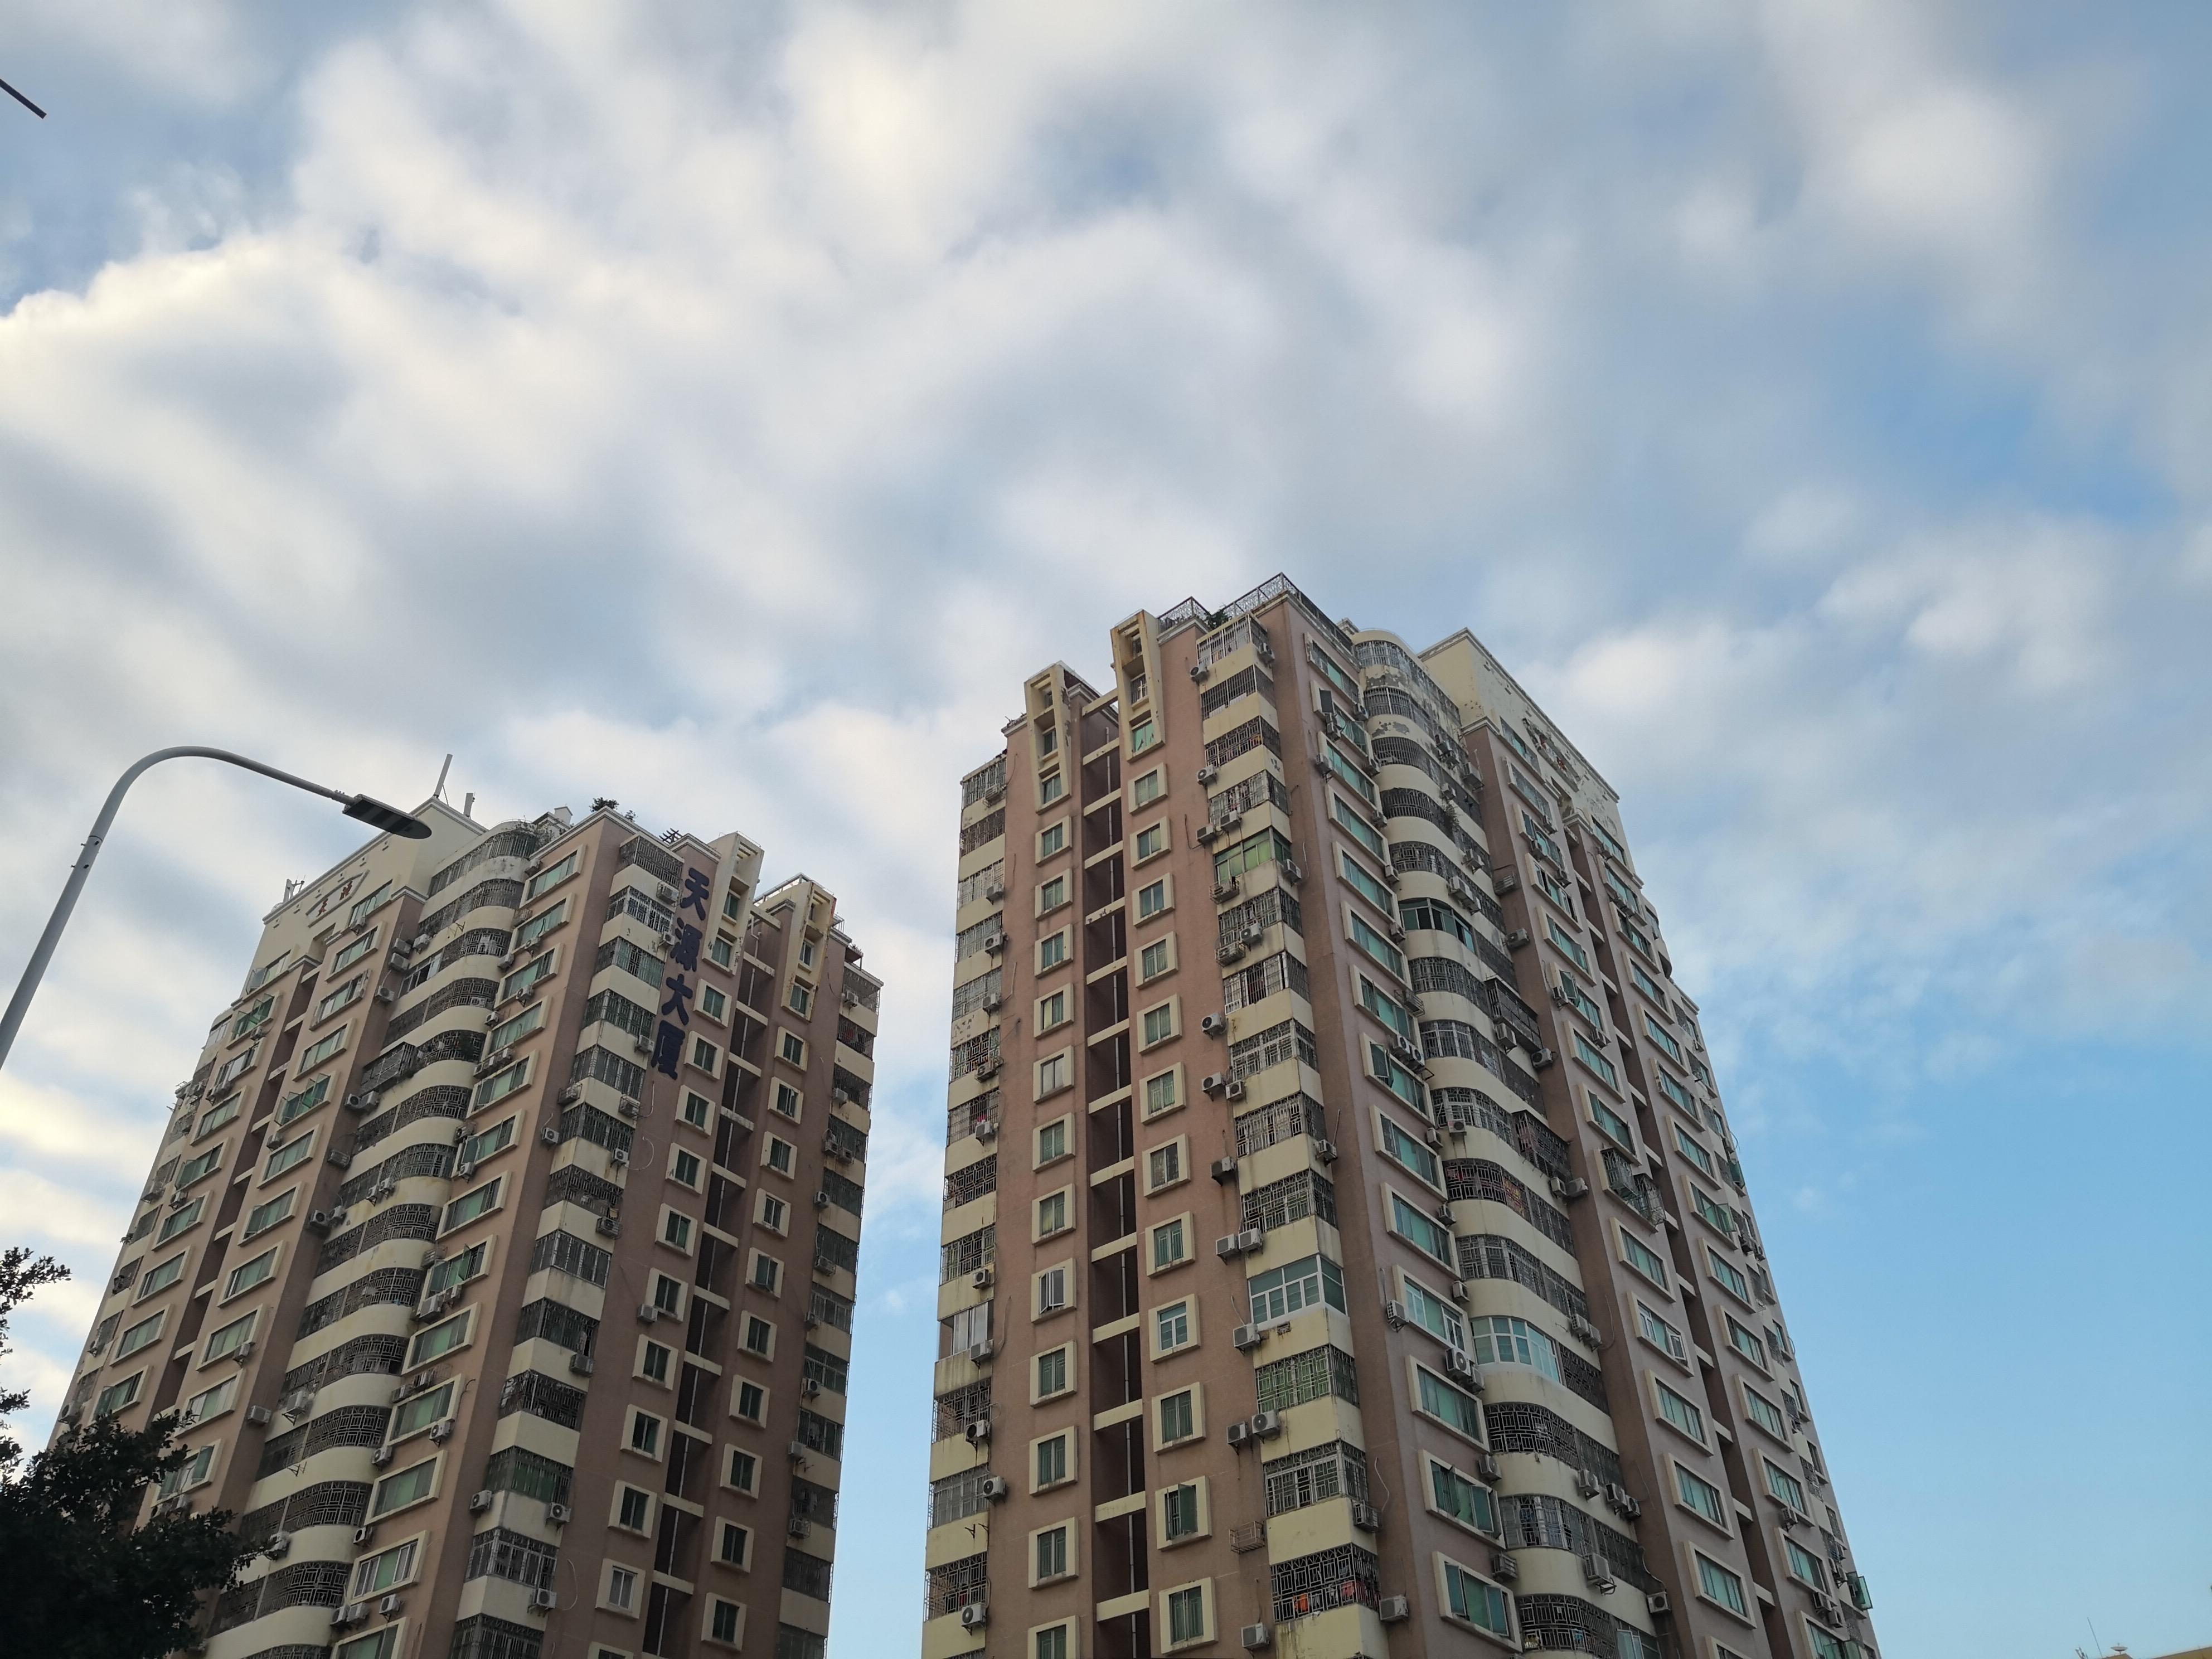 公积金新政下月实施 在毗邻6市购首套房可提广州公积金